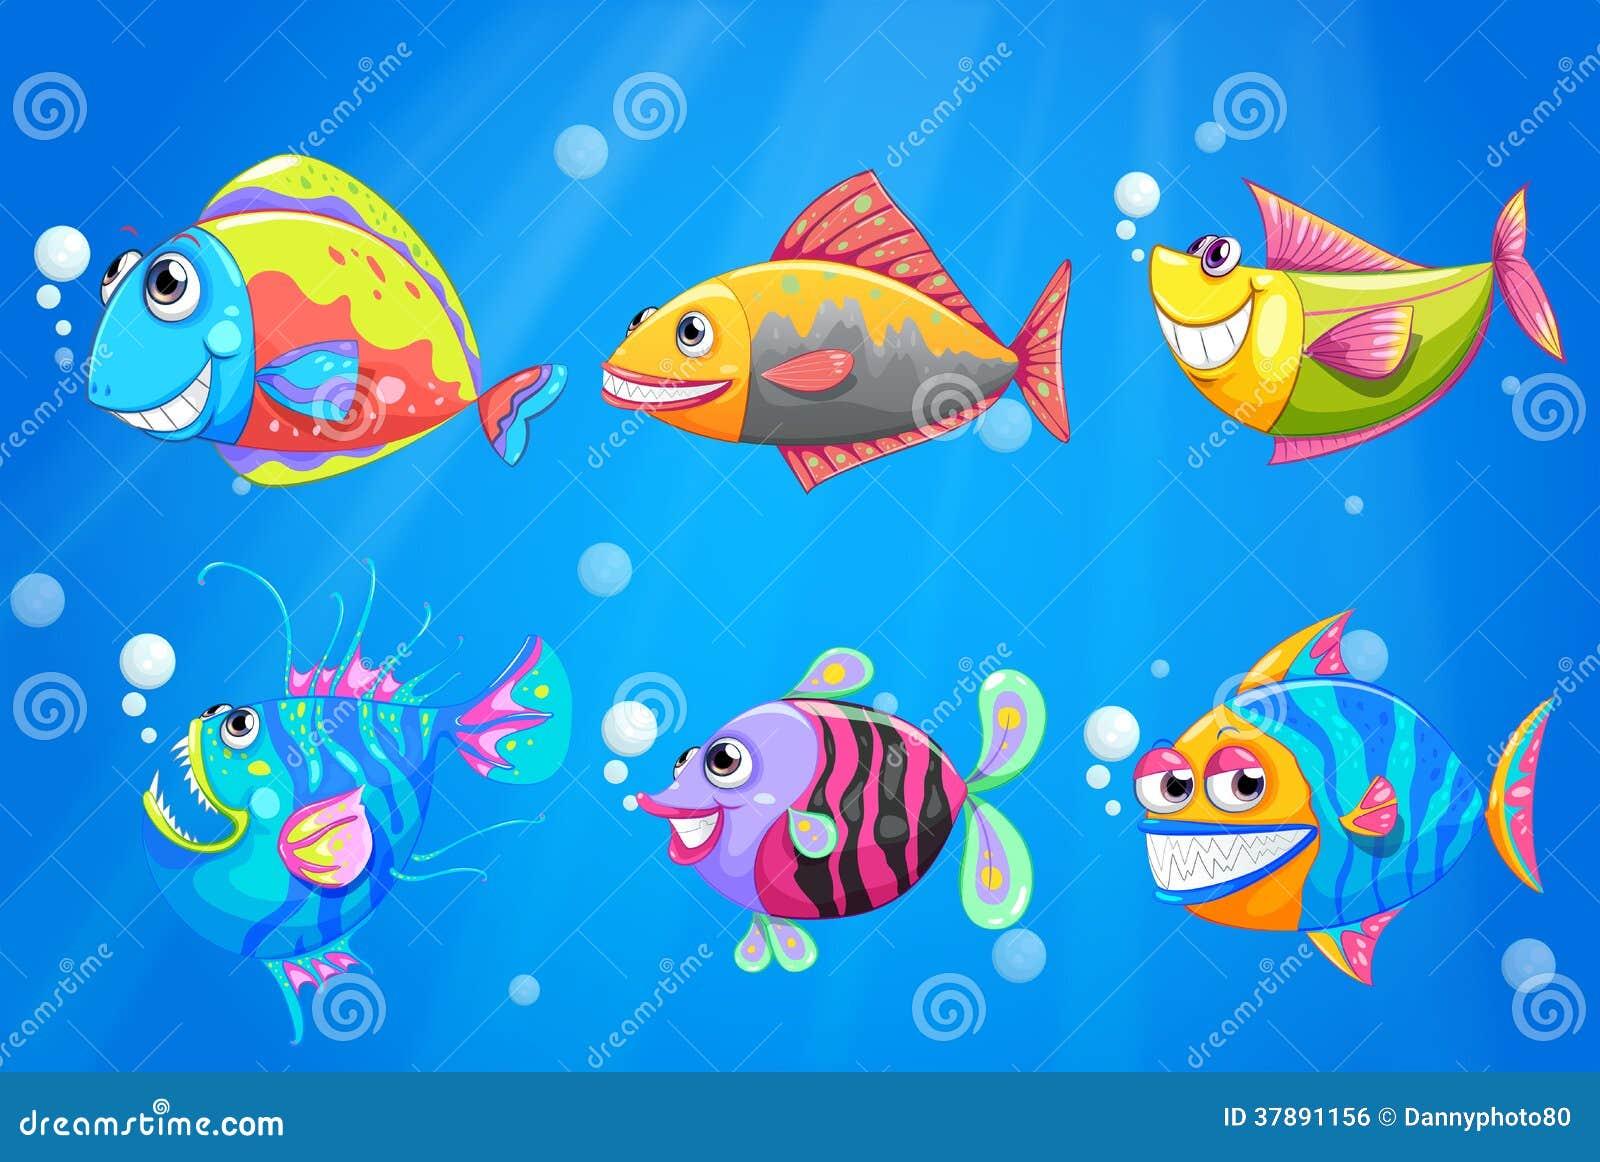 Een groep kleurrijke het glimlachen vissen